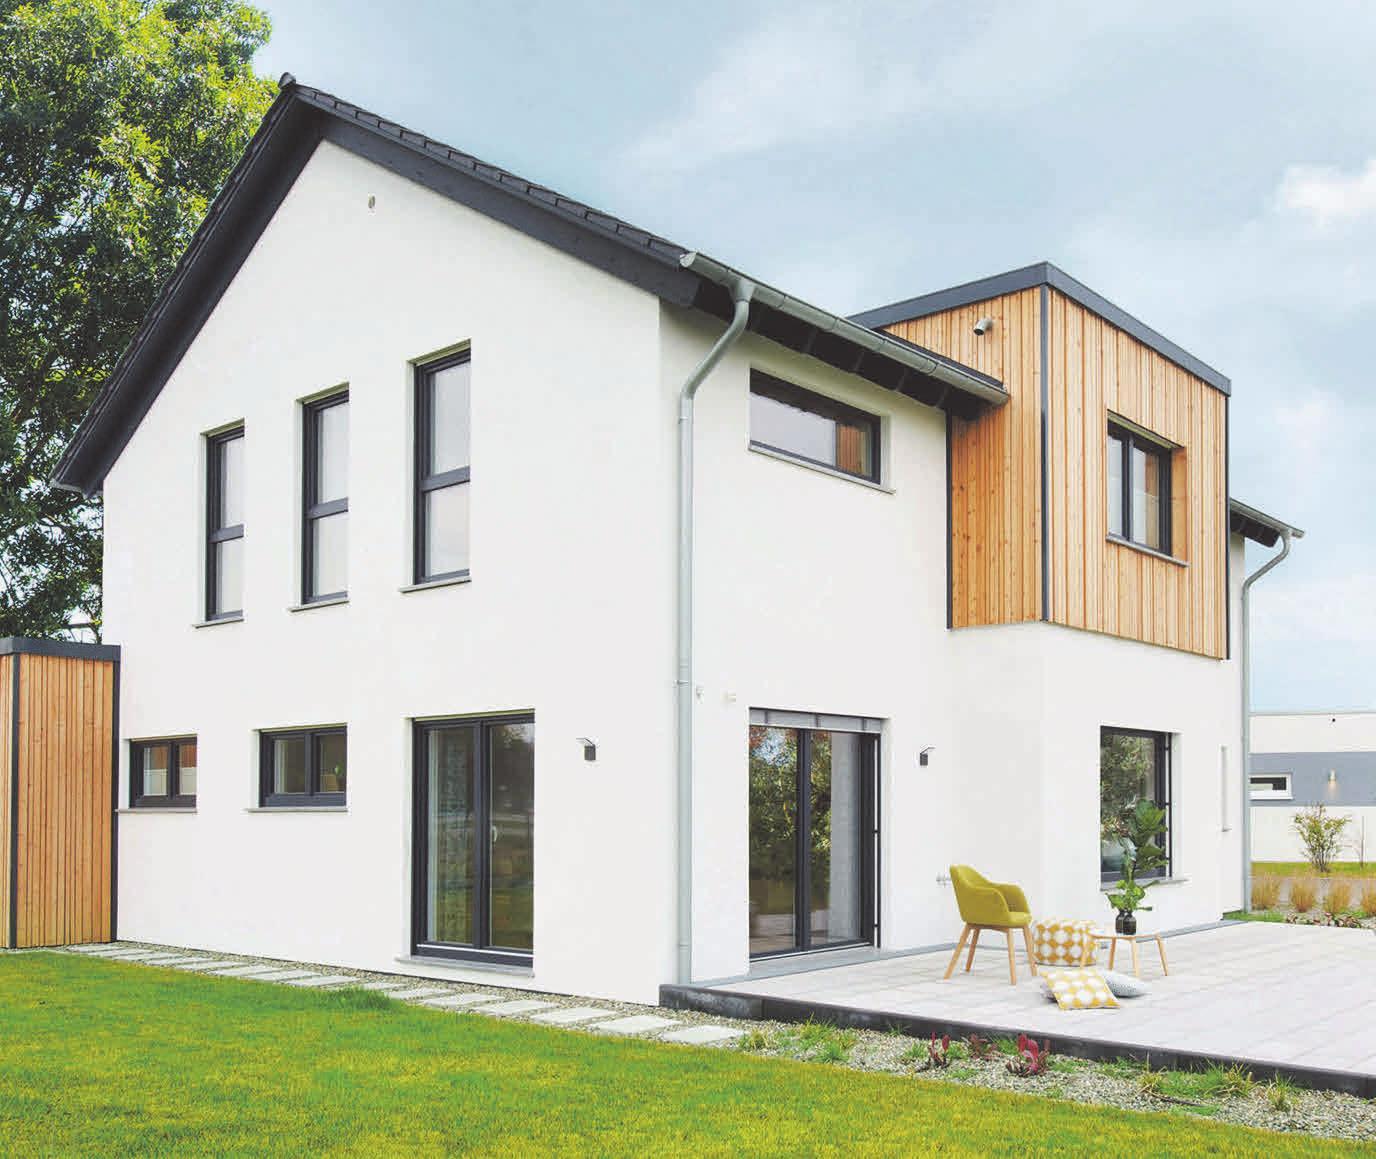 Das Fingerhut Haus Günzburg steht für Nachhaltigkeit und ökologische Bauweise. Quelle: privat